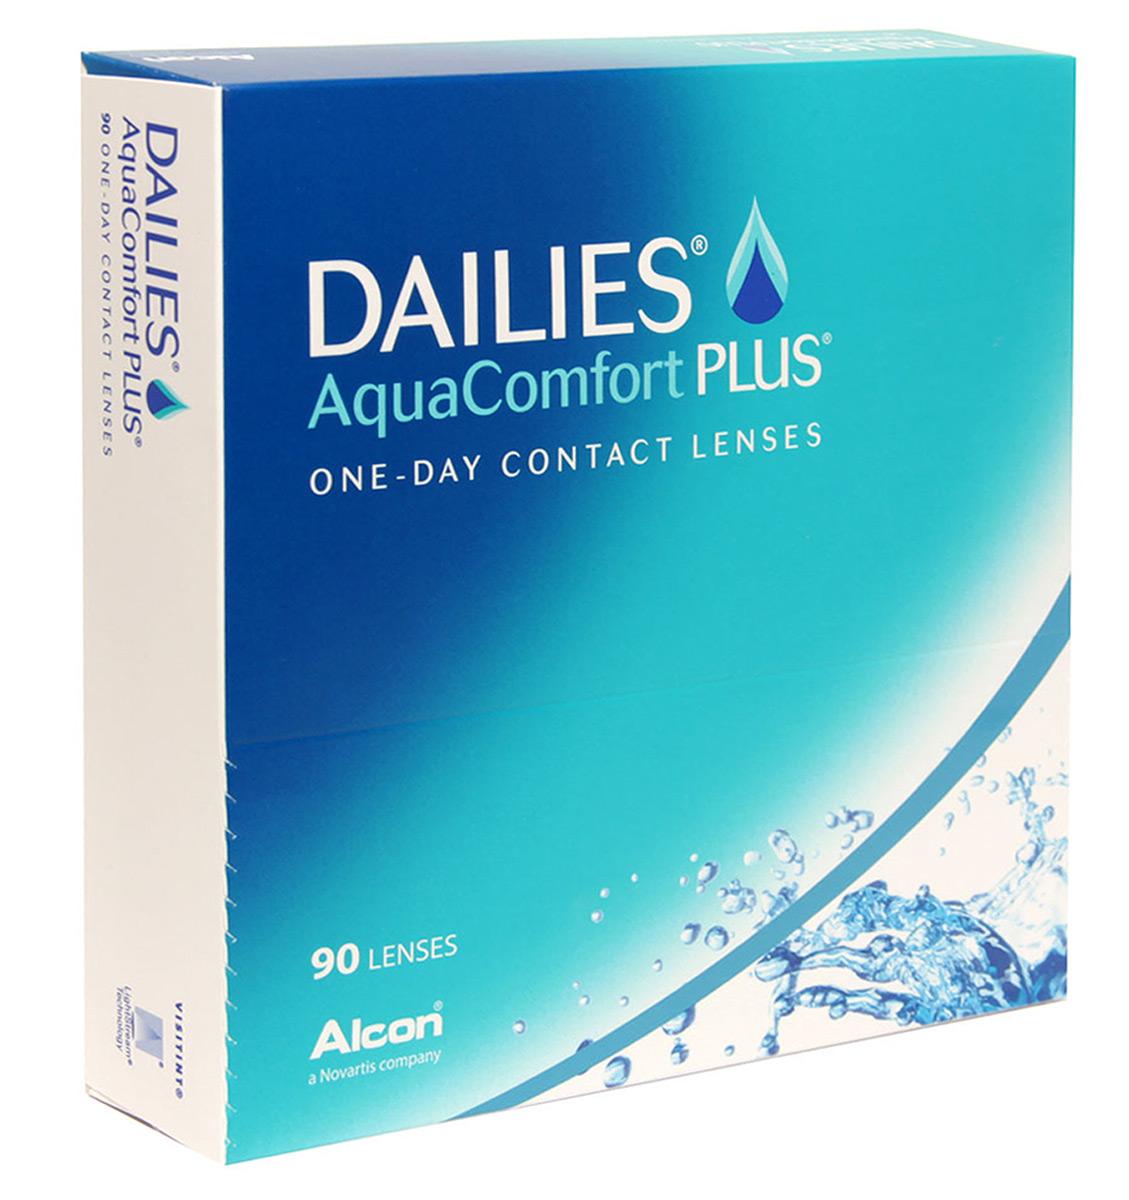 Alcon-CIBA Vision контактные линзы Dailies AquaComfort Plus (90шт / 8.7 / 14.0 / +2.50)38351Dailies Aqua Comfort Plus (90 блистеров) – это одни из самых популярных однодневных линз производства компании CIBA VISION. Эти линзы пользуются огромной популярностью во всем мире и являются на сегодняшний день самыми безопасными контактными линзами. Изготавливаются линзы из современного, 100% безопасного материала нелфилкон А. Особенность этого материала в том, что он легко пропускает воздух и хорошо сохраняет влагу. Однодневные контактные линзы Dailies Aqua Comfort Plus не нуждаются в дополнительном уходе и затратах, каждый день вы надеваете свежую пару линз. Дизайн линзы биосовместимый, что гарантирует безупречный комфорт. Самое главное достоинство Dailies Aqua Comfort Plus – это их уникальная система увлажнения. Благодаря этой разработке линзы увлажняются тремя различными агентами. Первый компонент, ухаживающий за линзами, находится в растворе, он как бы обволакивает линзу, обеспечивая чрезвычайно комфортное надевание. Второй агент выделяется на протяжении всего дня, он...